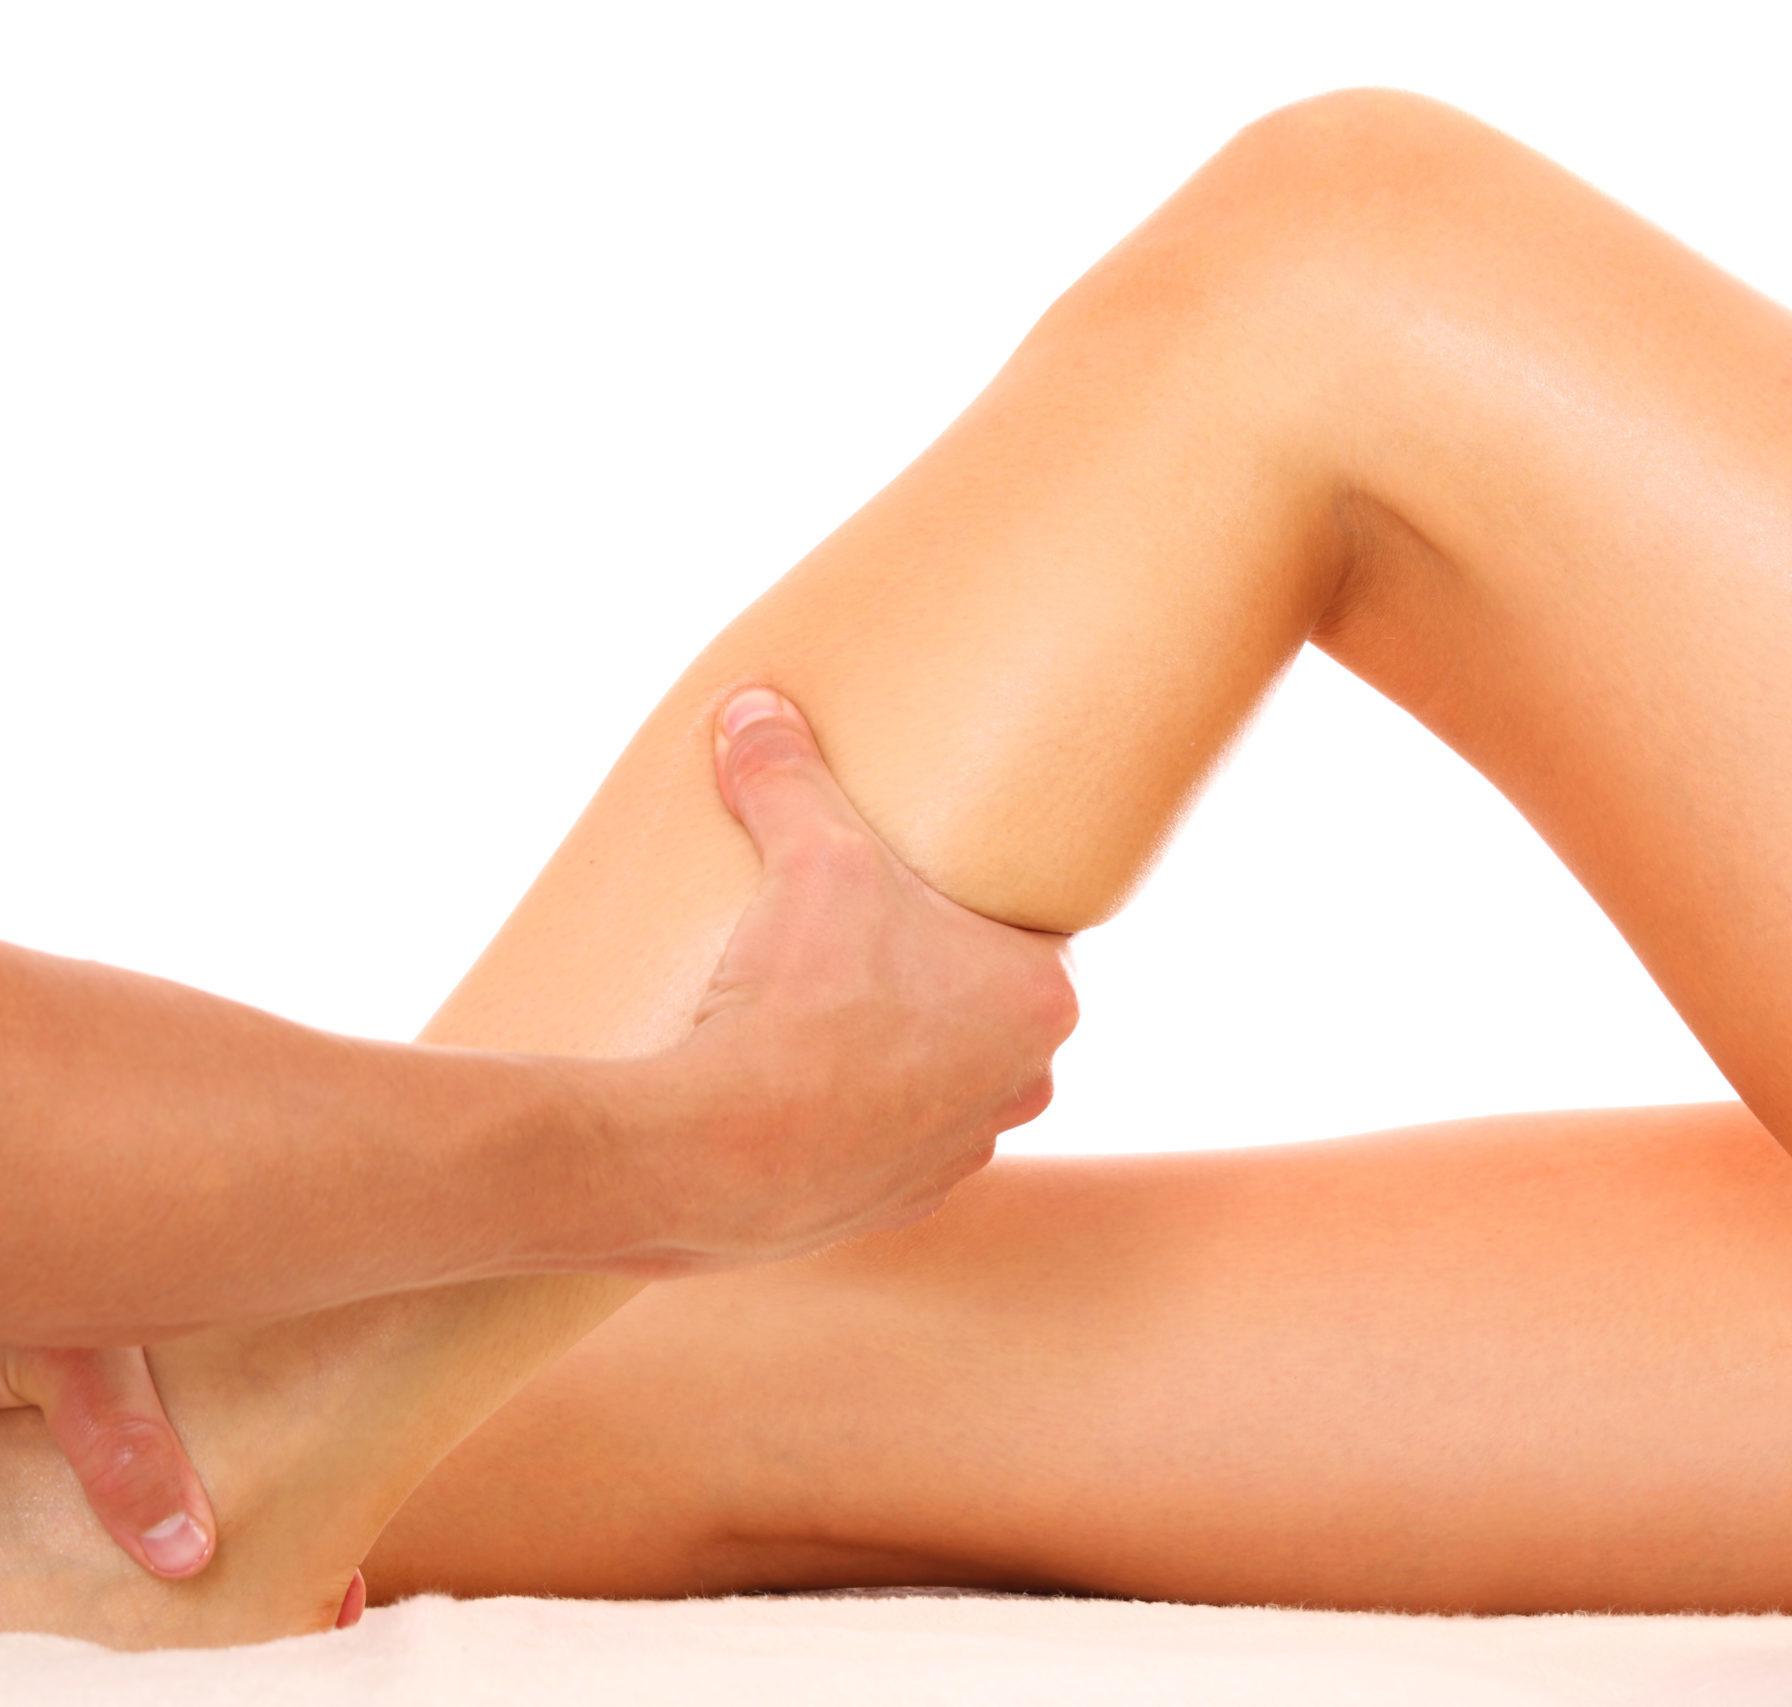 medicamente pentru tratamentul artrozei încheieturilor durere la mișcarea articulației genunchiului